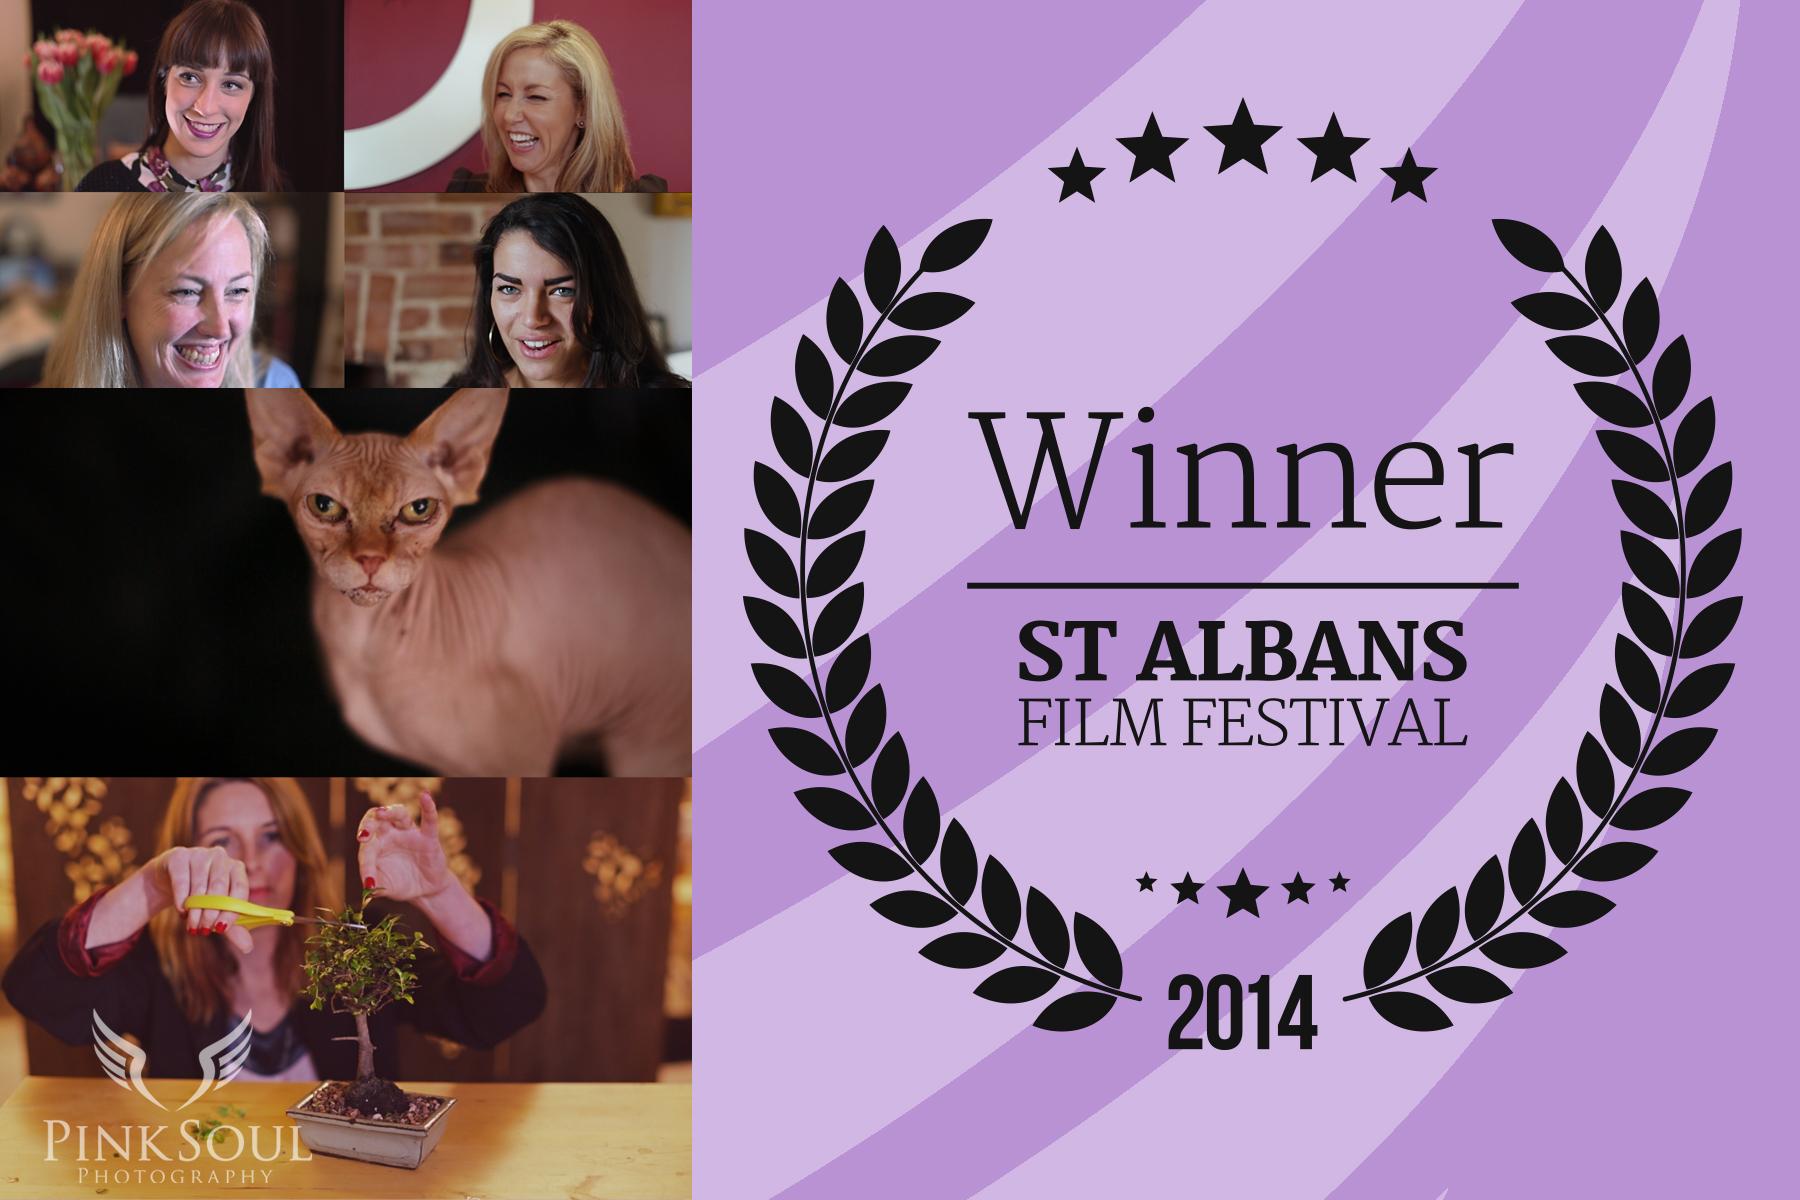 Winner St Albans Film Festival Laurels